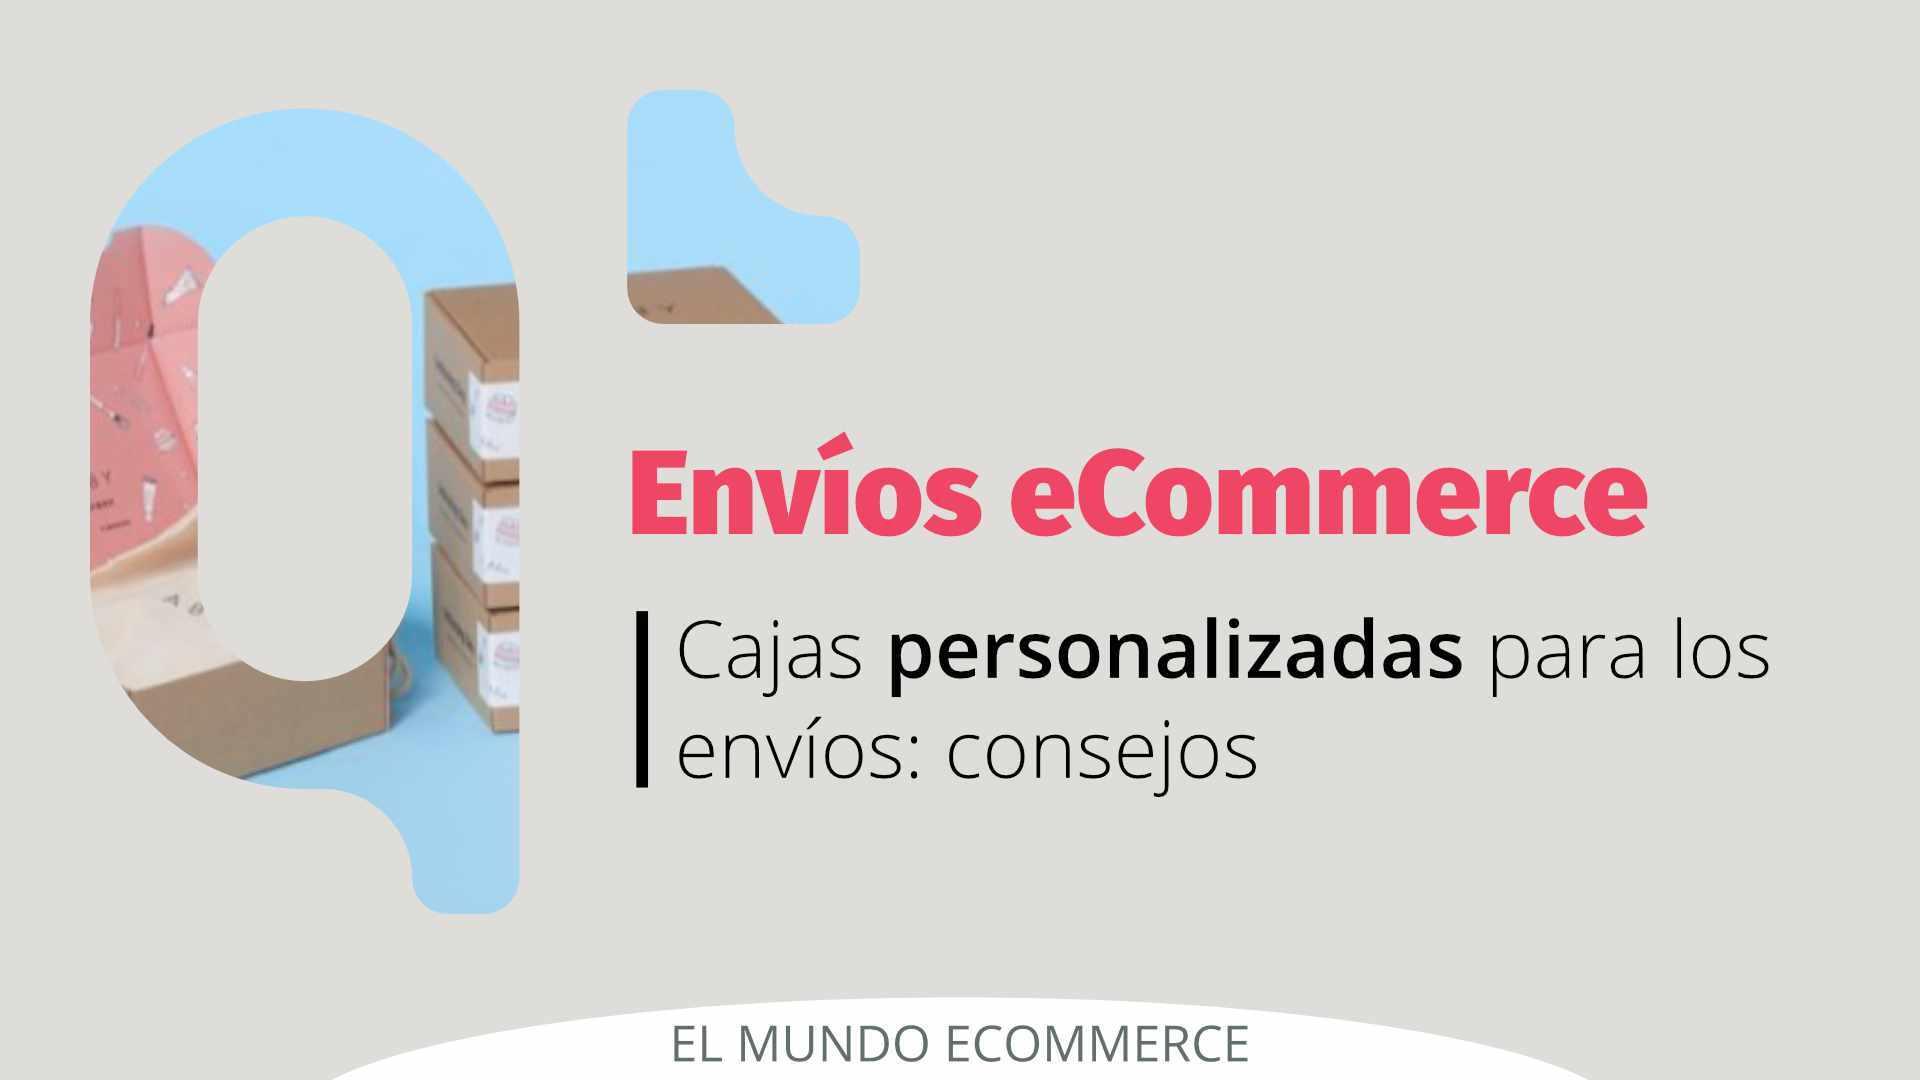 Cajas de envíos eCommerce personalizadas en pocos clicks